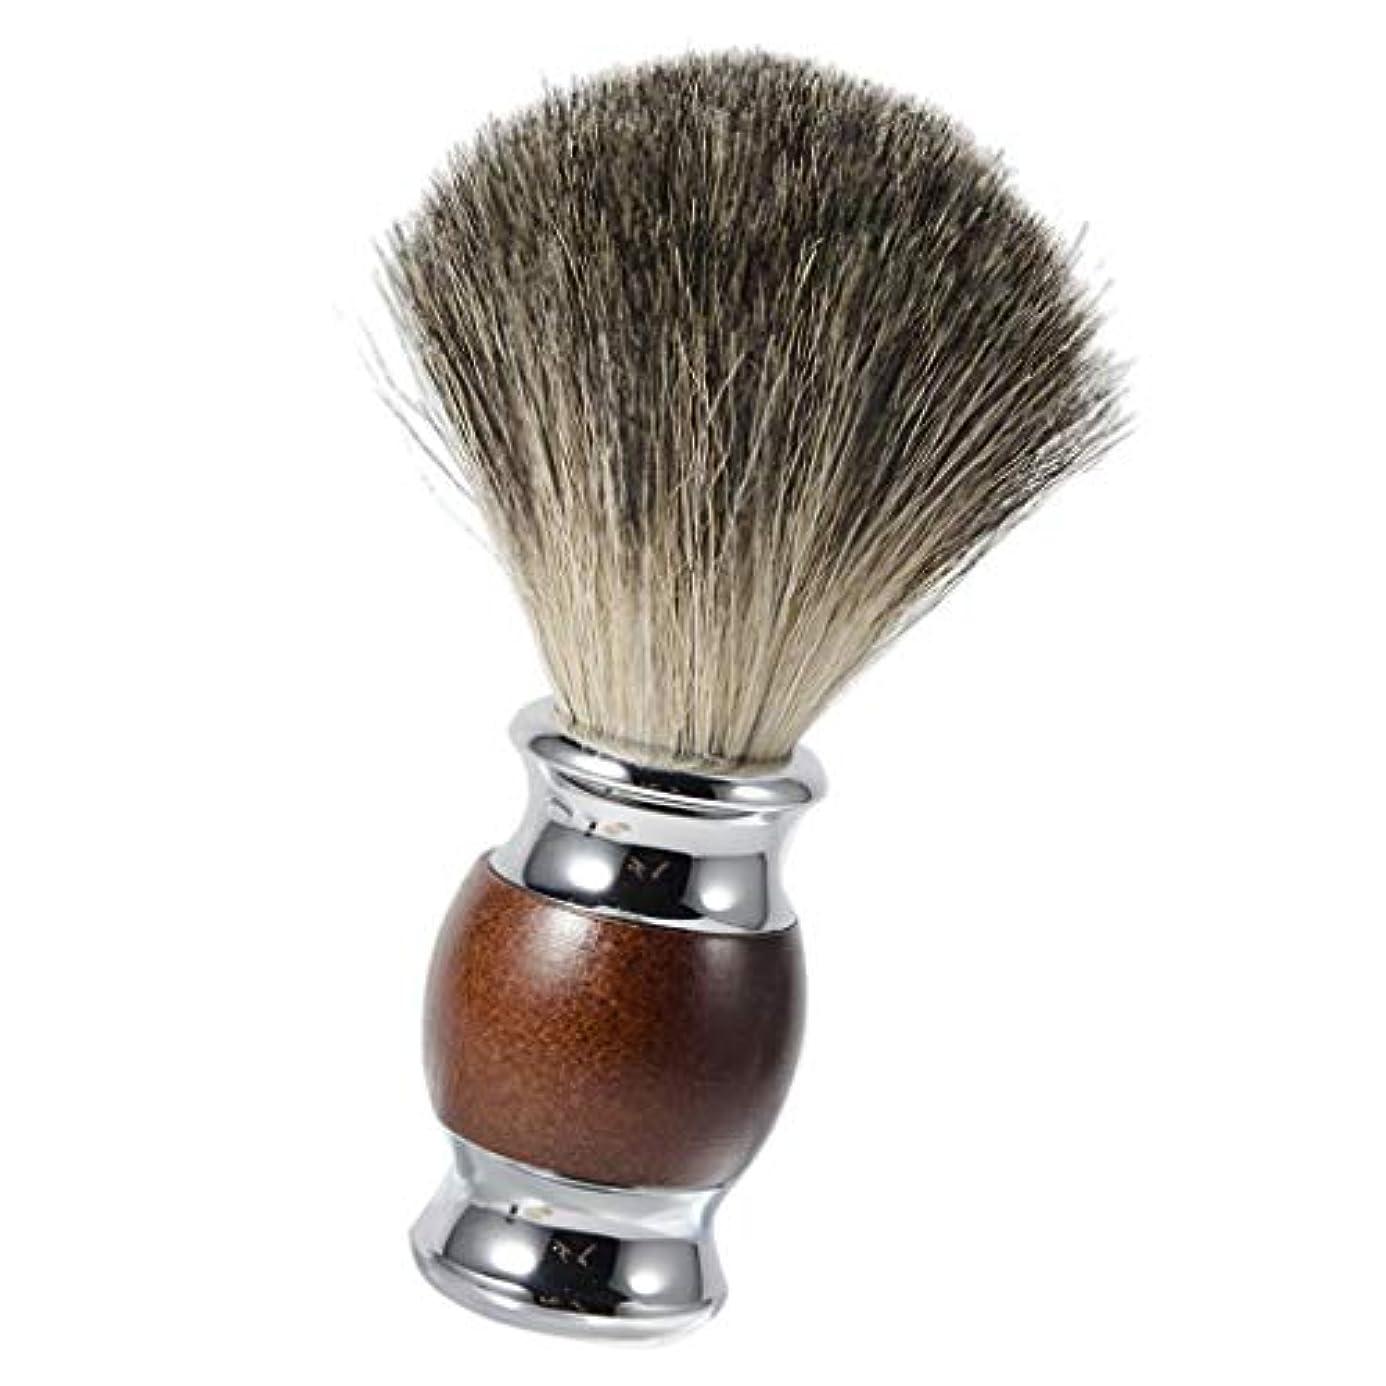 貞枝権限を与えるchiwanji シェービング用ブラシ シェービングブラシ メンズ 理容 洗顔 髭剃り シェービング用アクセサリー